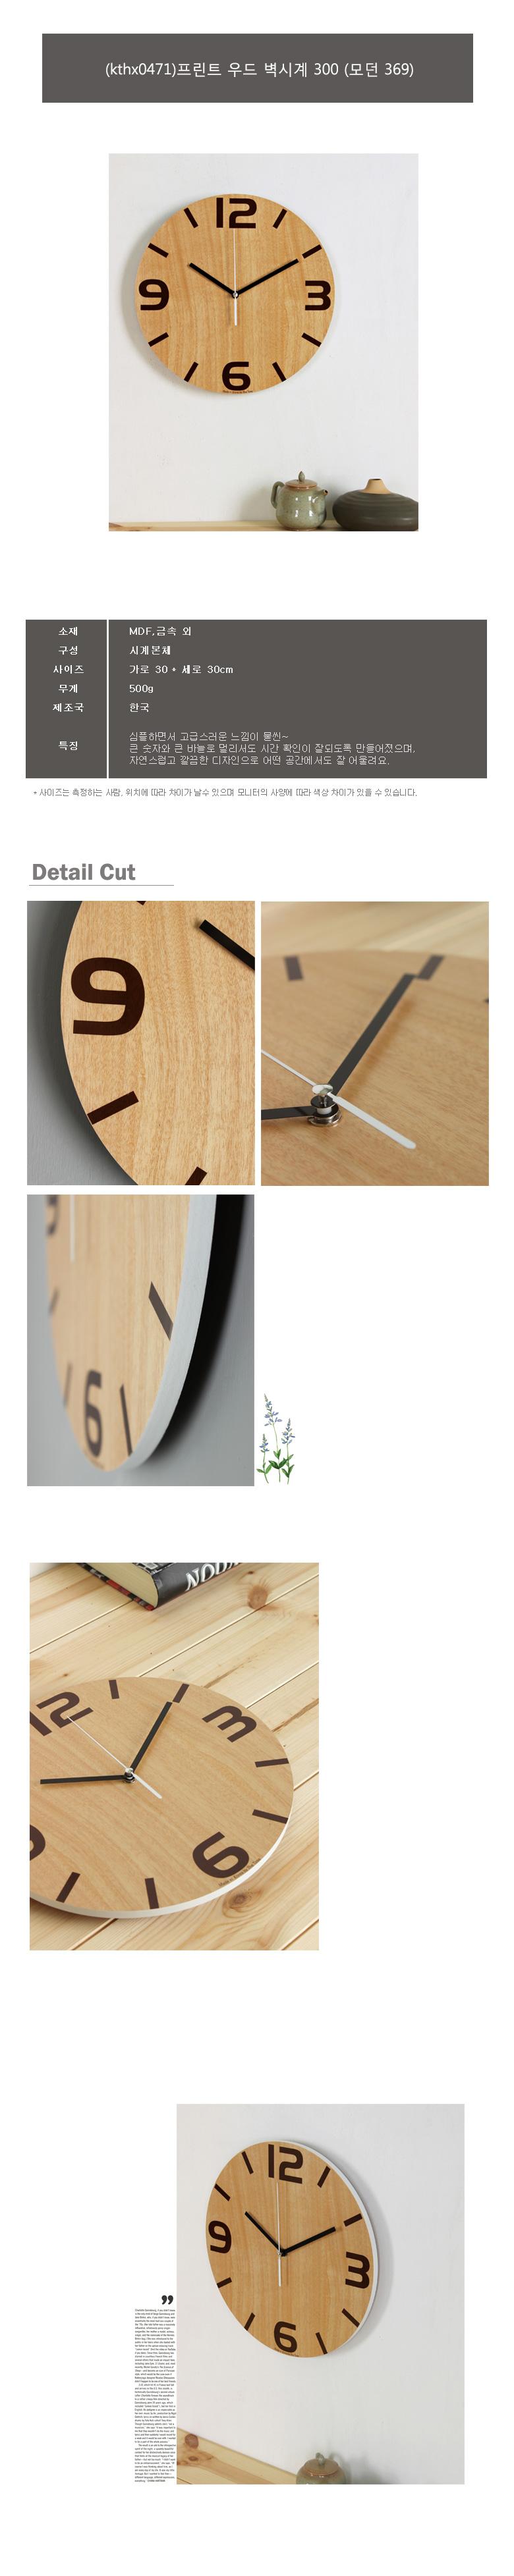 (kthx0471)프린트 우드 벽시계 300 (모던 369) - 키다리, 33,000원, 벽시계, 우드벽시계